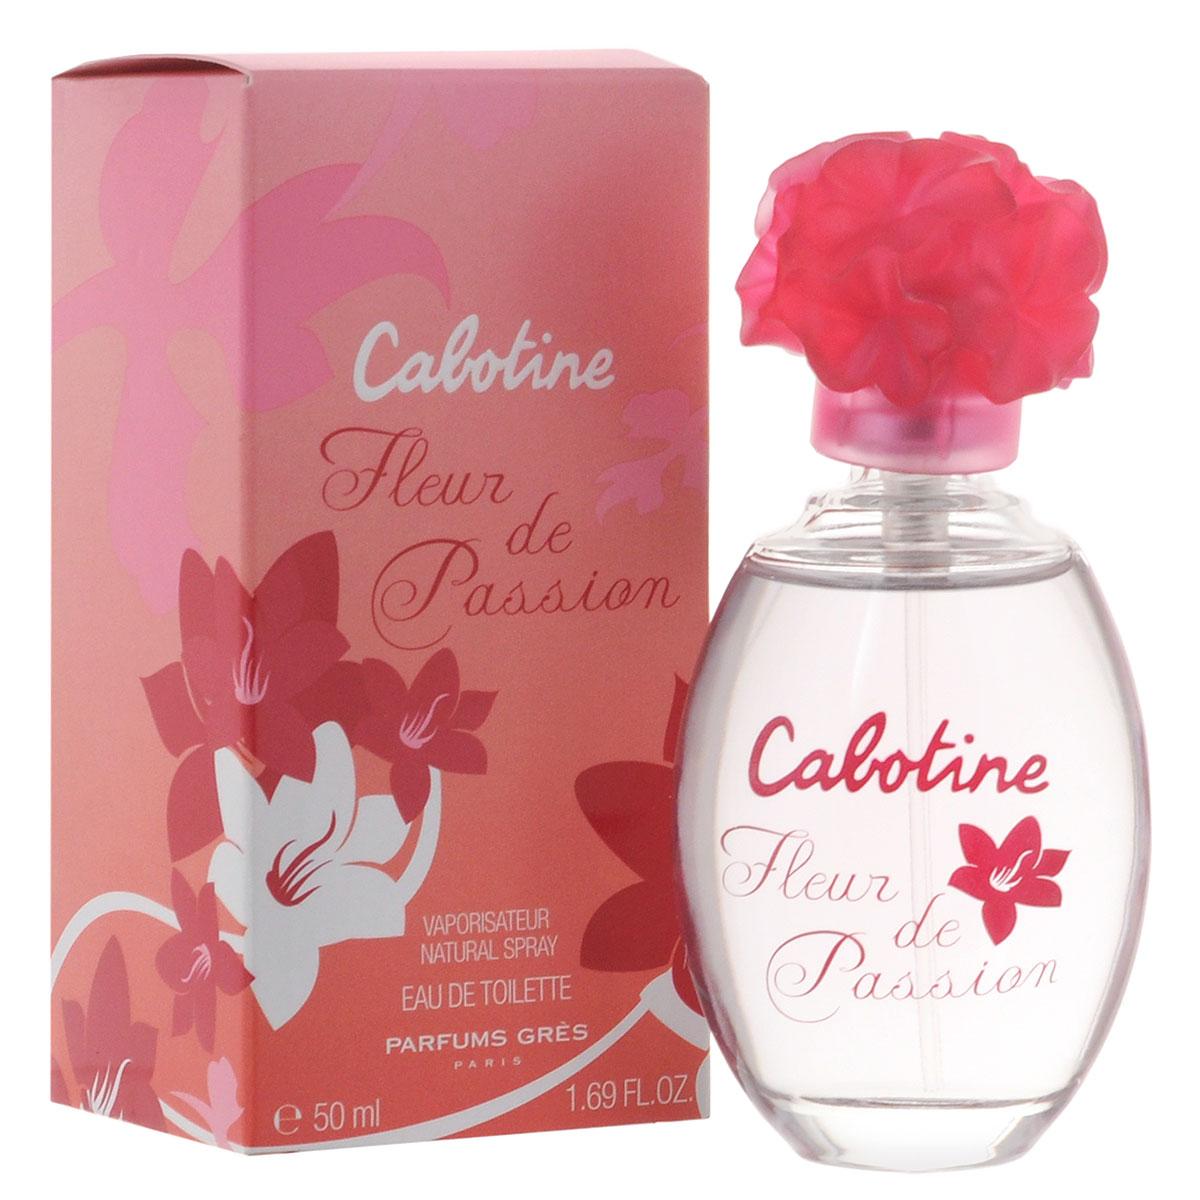 Gres Туалетная вода Cabotine Fleur De Passion, женская, 50 мл gres cabotine fleur d'ivoire